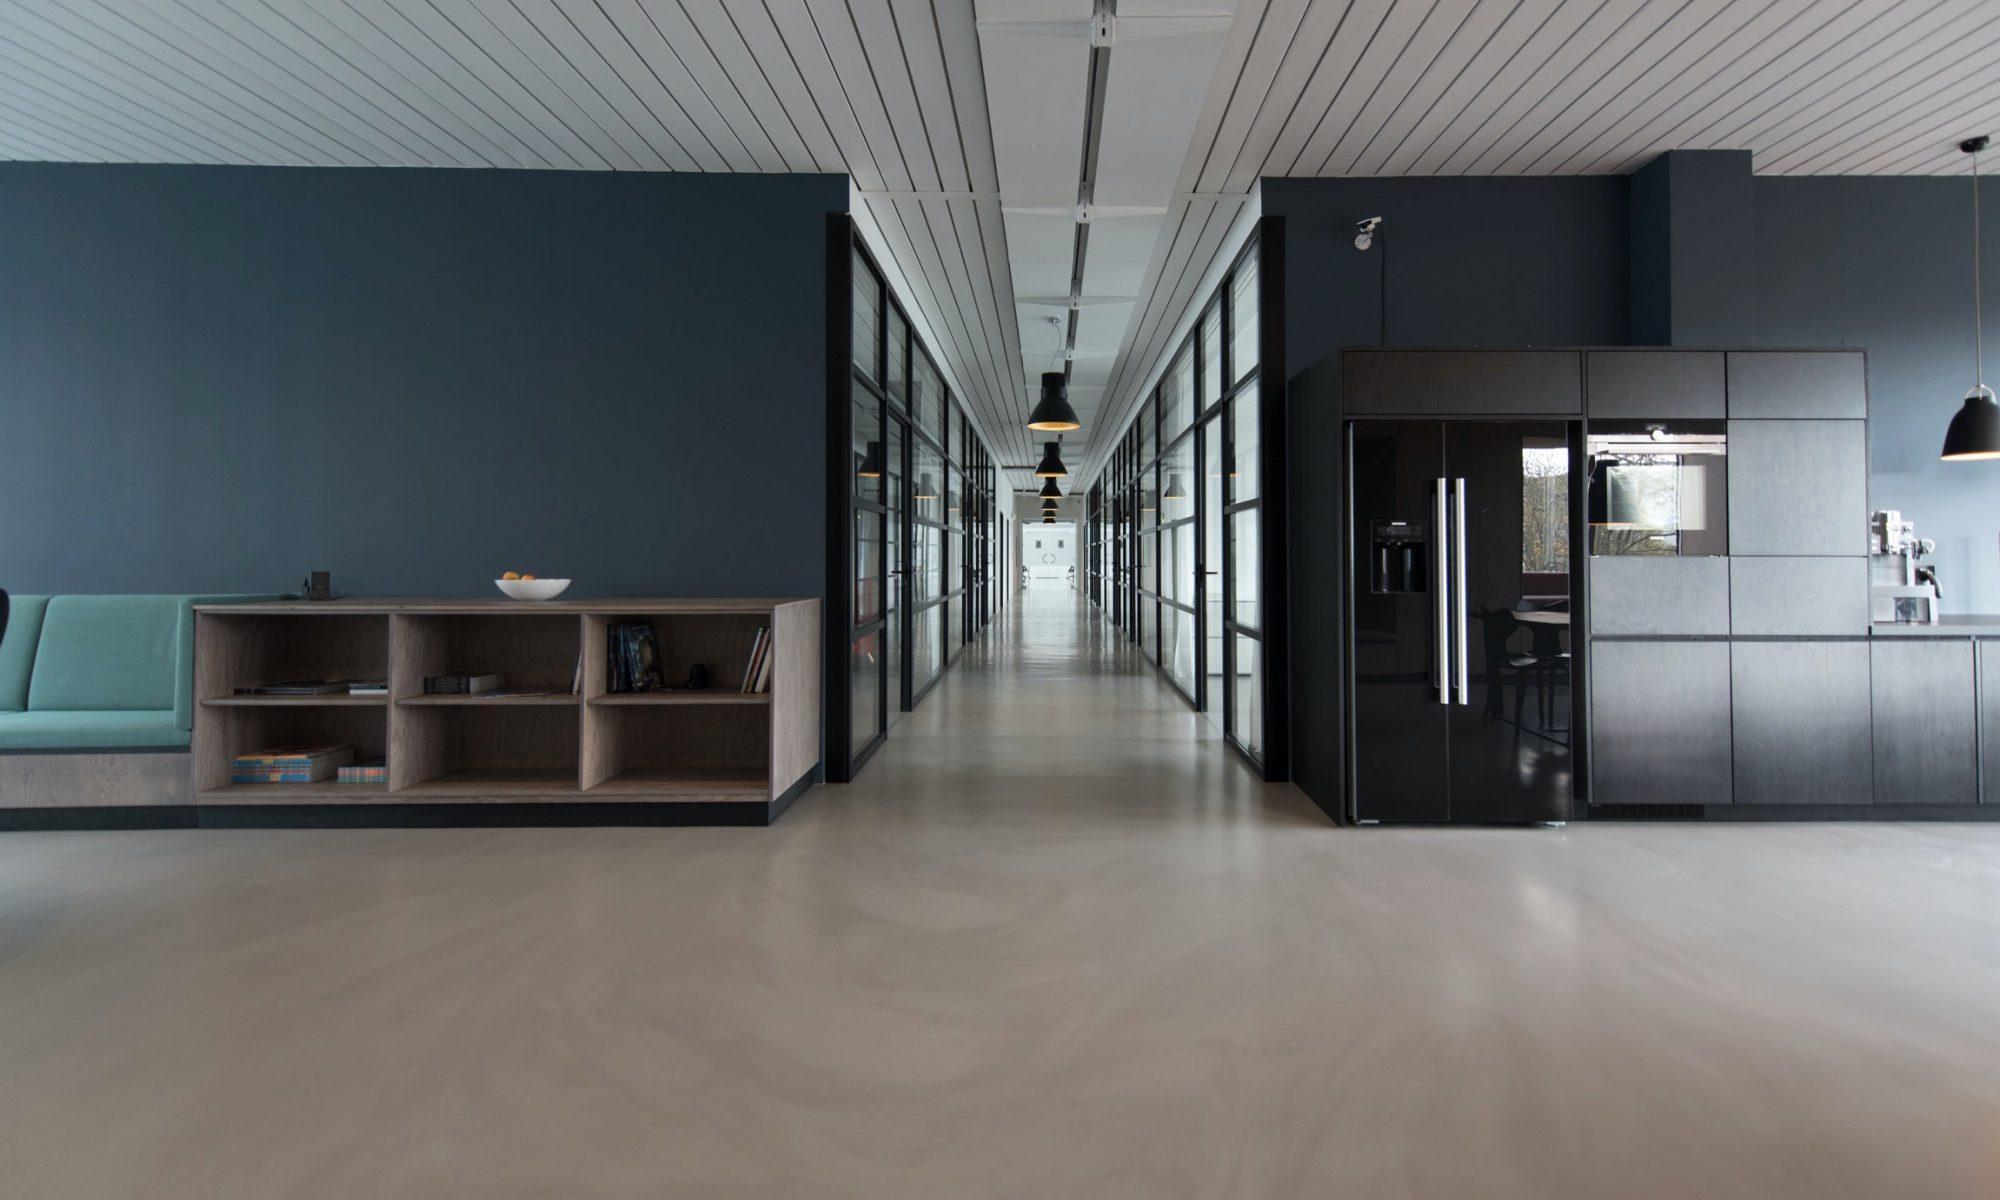 Gestaltung Businessoffice iafob Deutschland